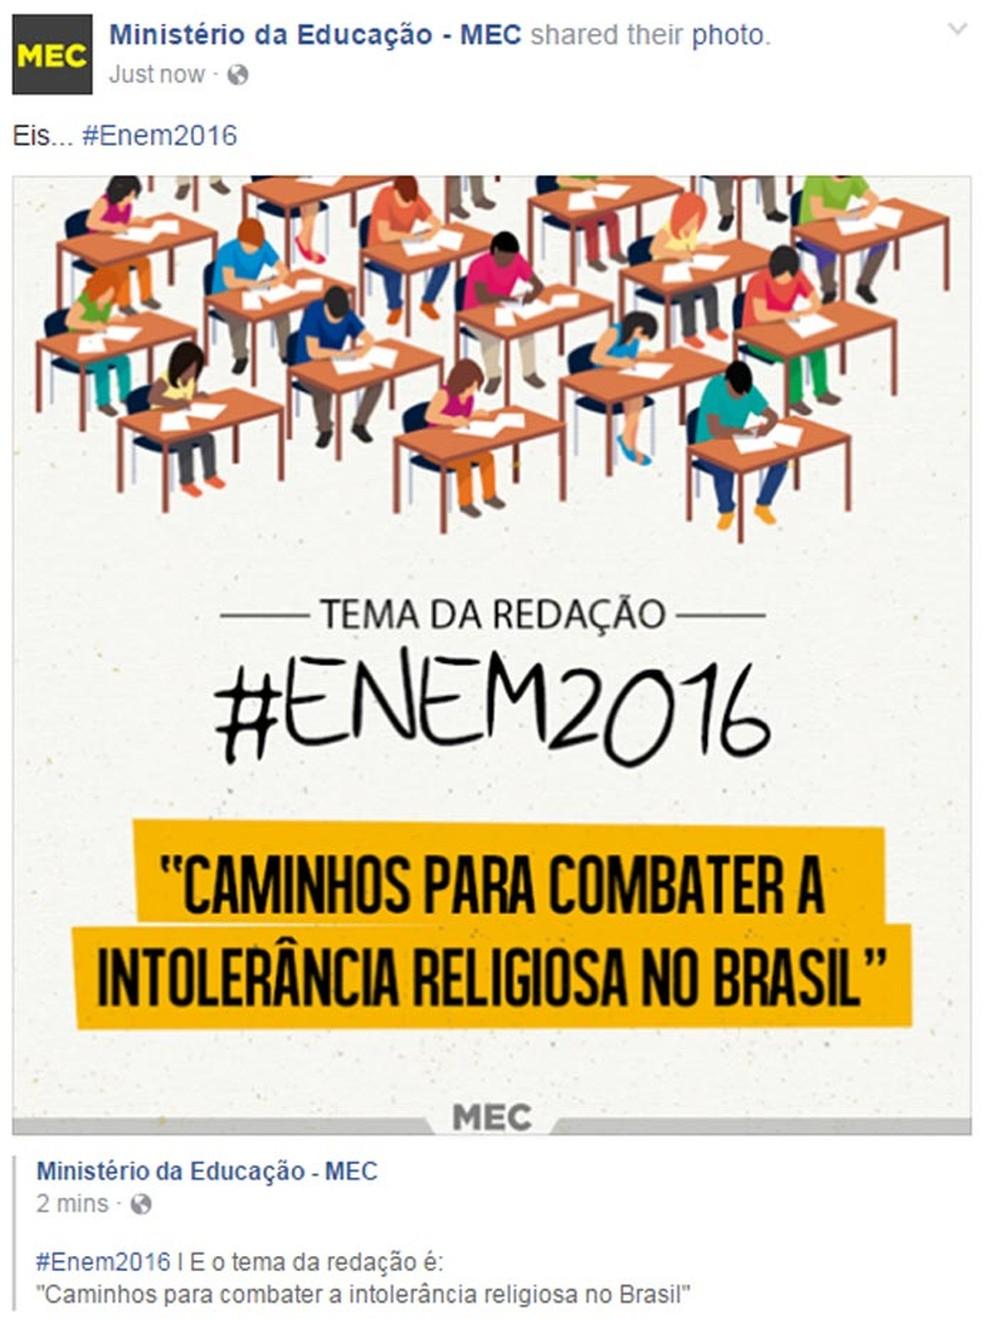 O perfil oficial do MEC no Facebook também divulgou o tema da redação do Enem 2016; prova abordou a intolerância religiosa no Brasil (Foto: Reprodução/Facebook)